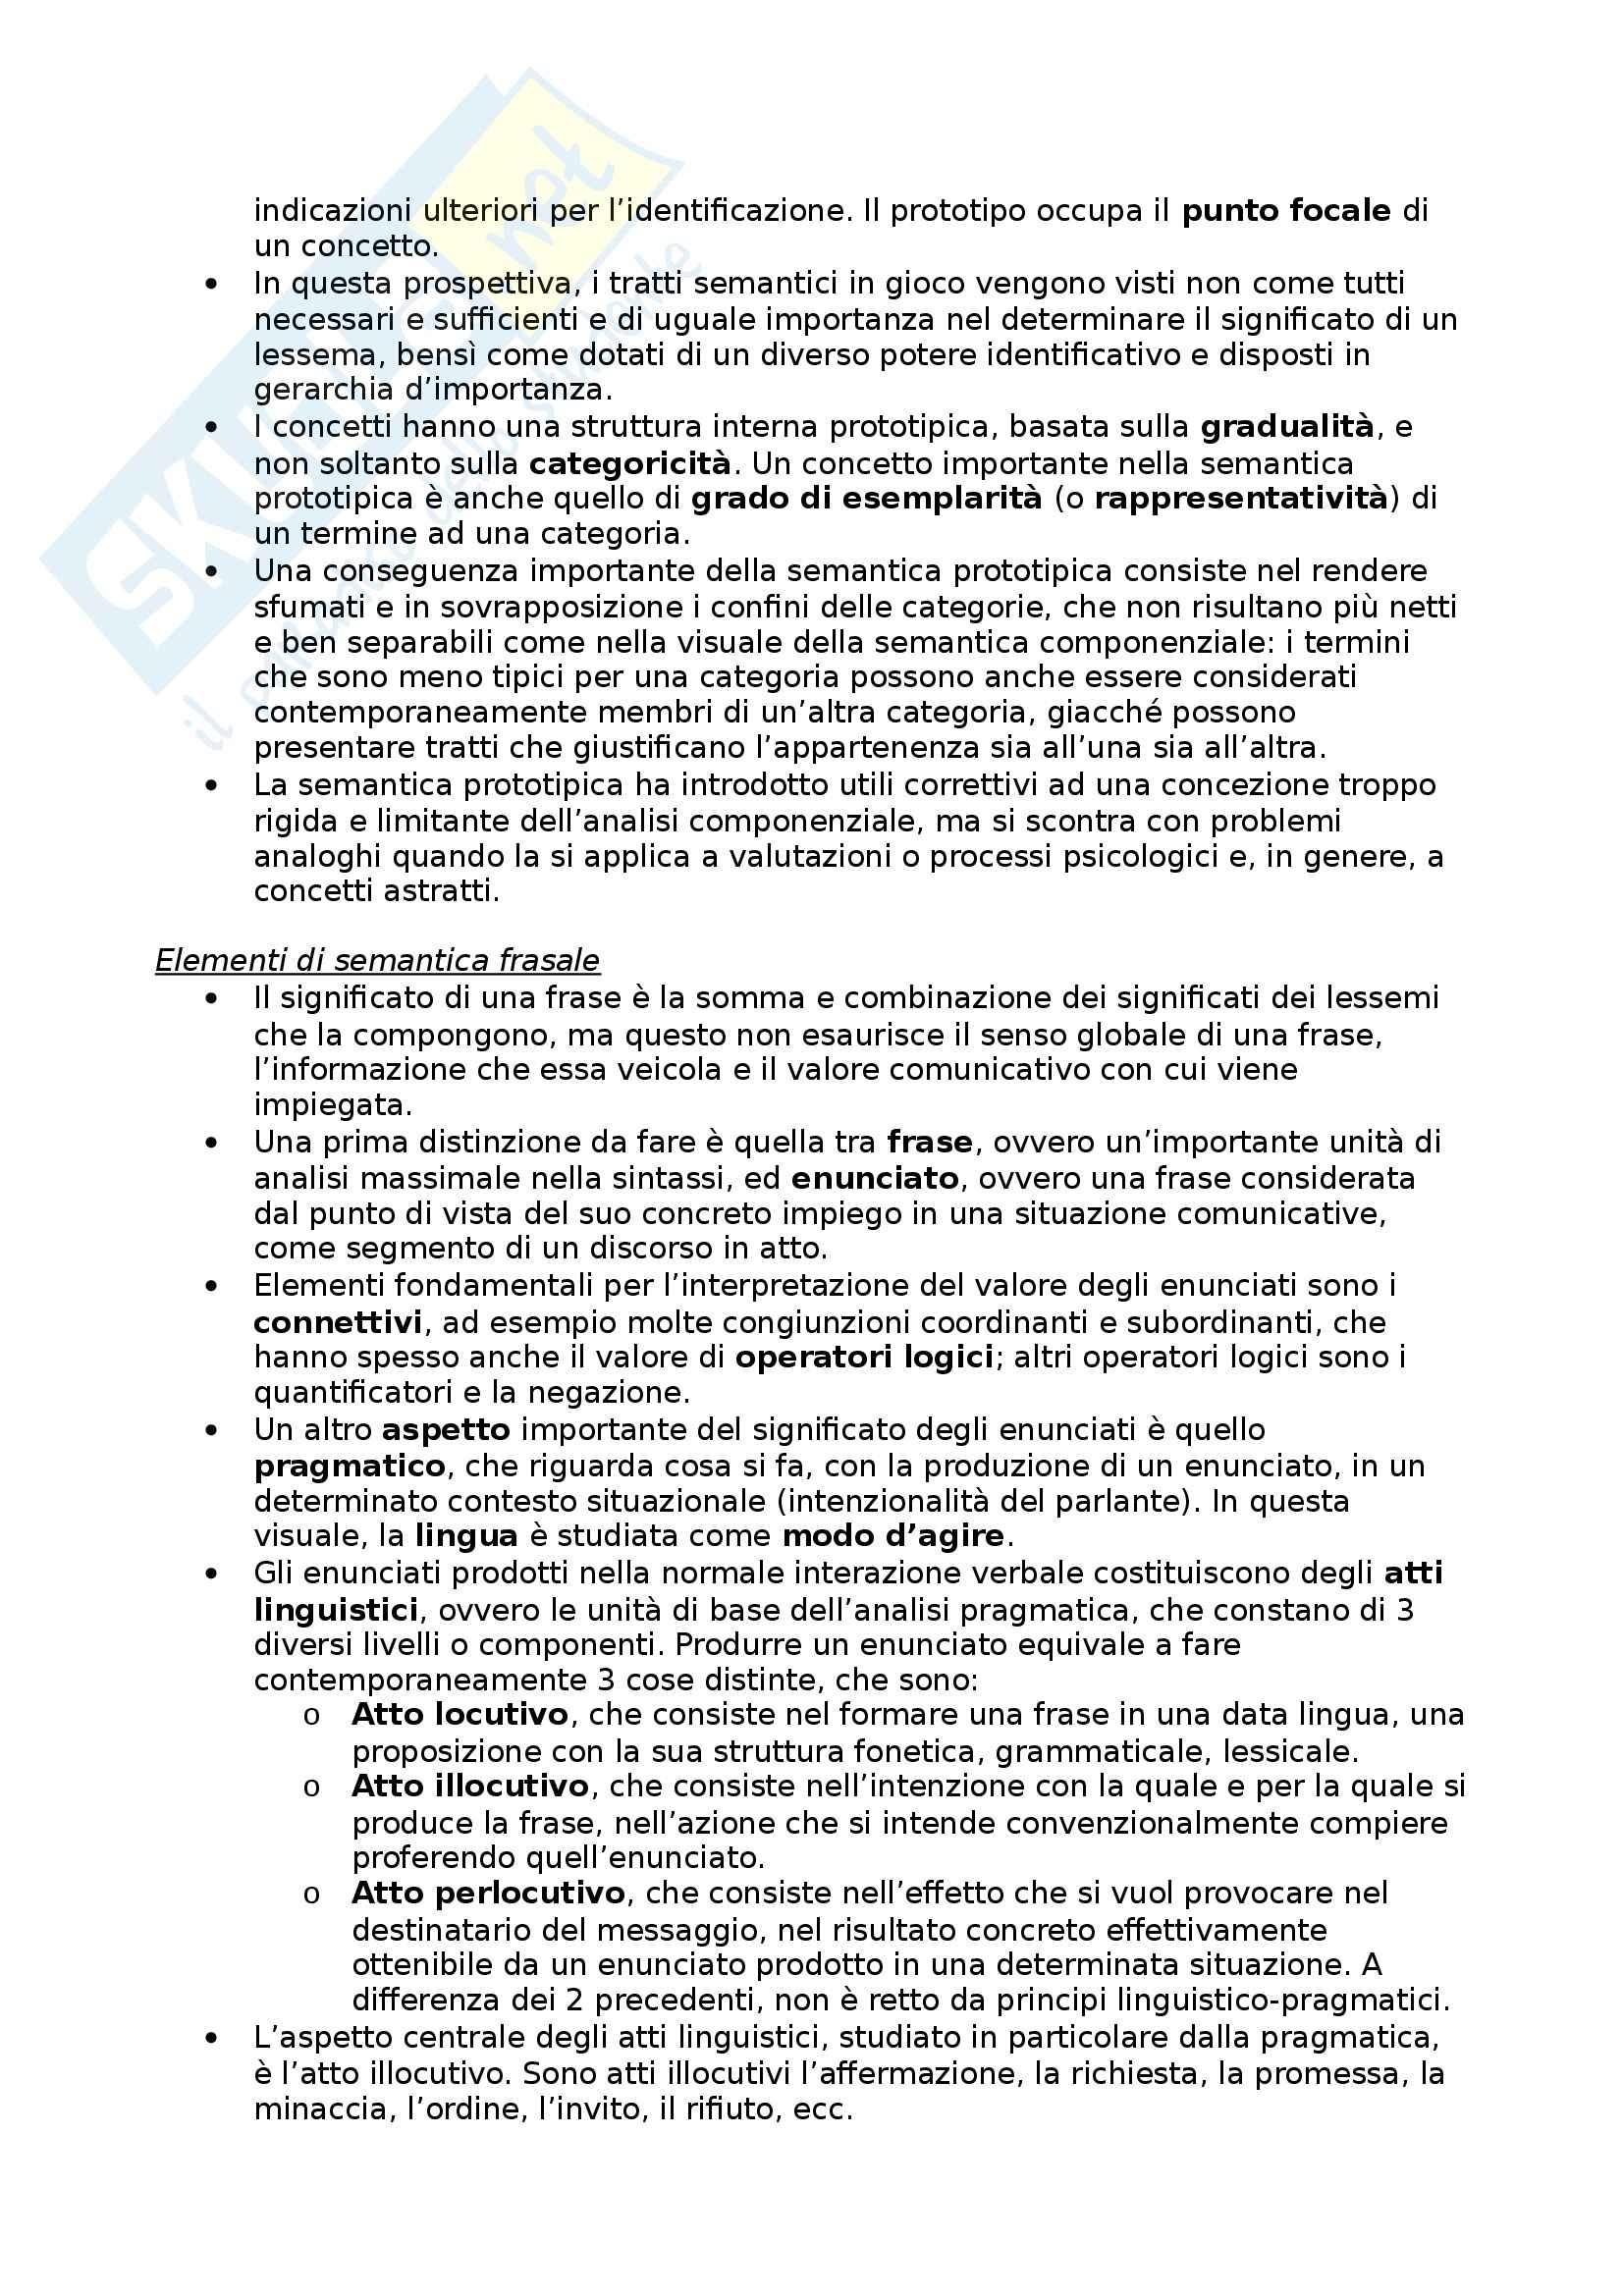 Riassunto esame Glottologia, prof. Bonfadini, libro consigliato La Linguistica: Un Corso Introduttivo, Berruto, Cerruti - cap. 5 Pag. 6